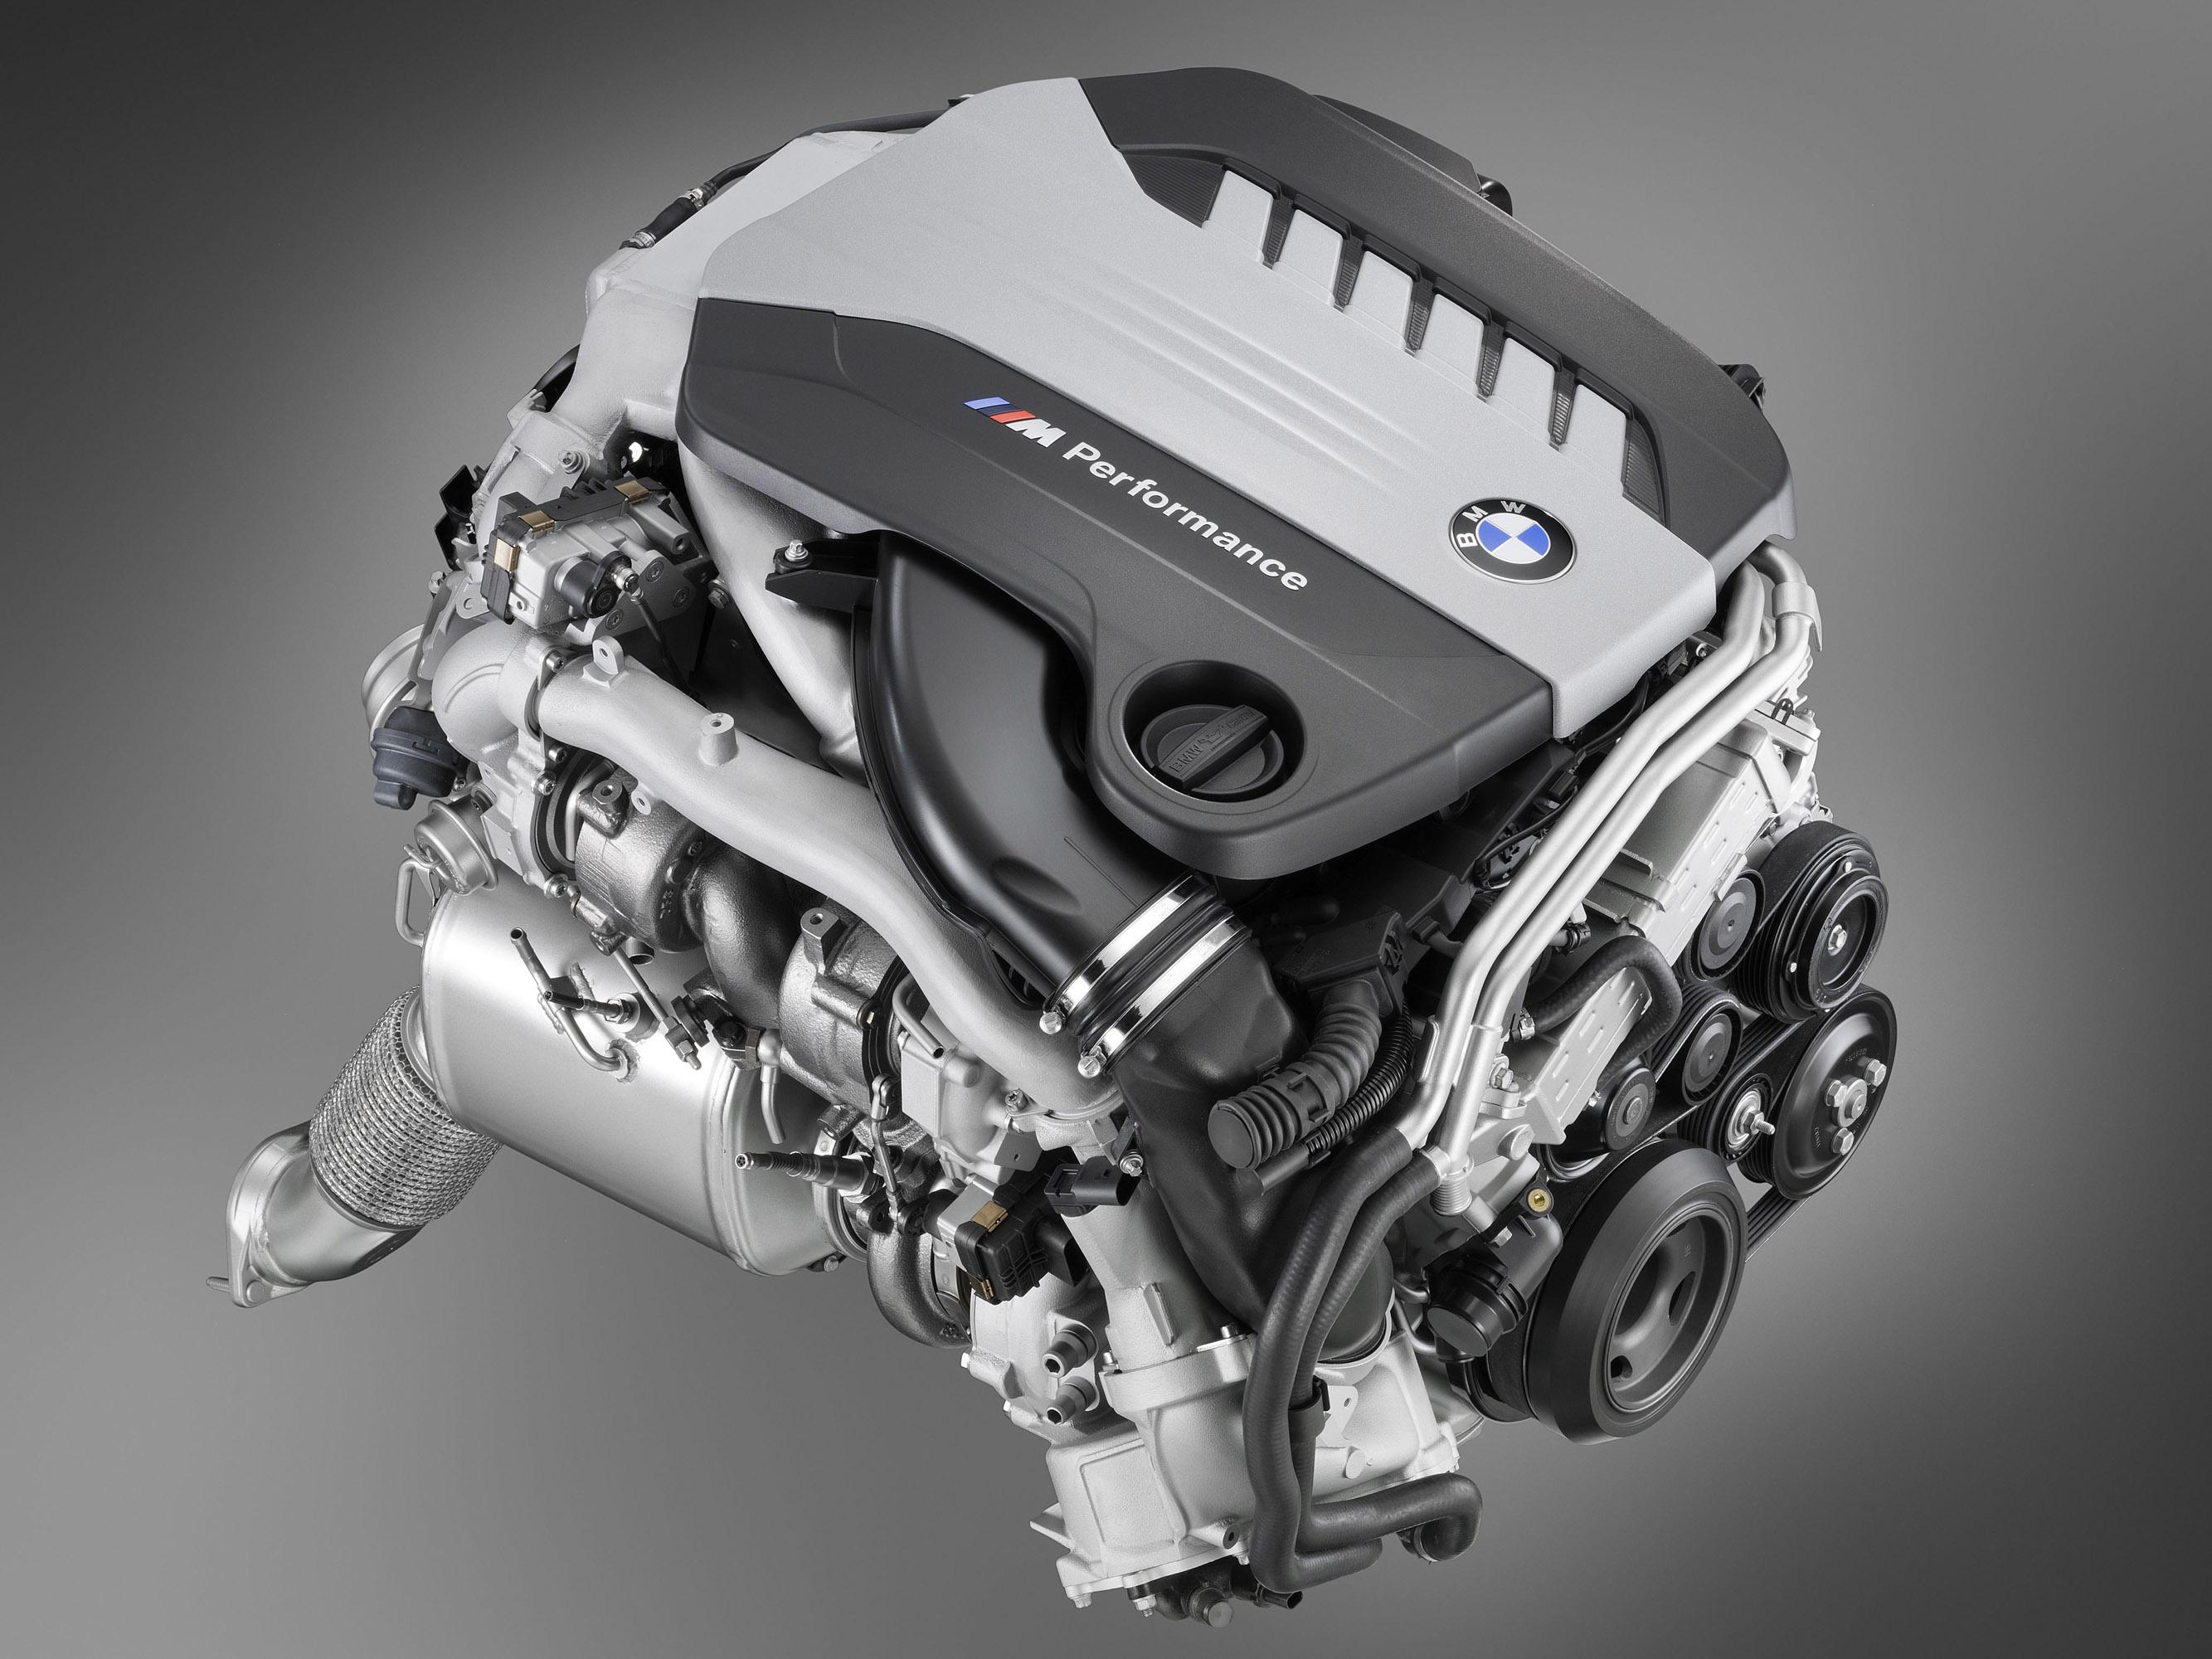 BMW กับขุมพลังใหม่ 400 แรงม้า